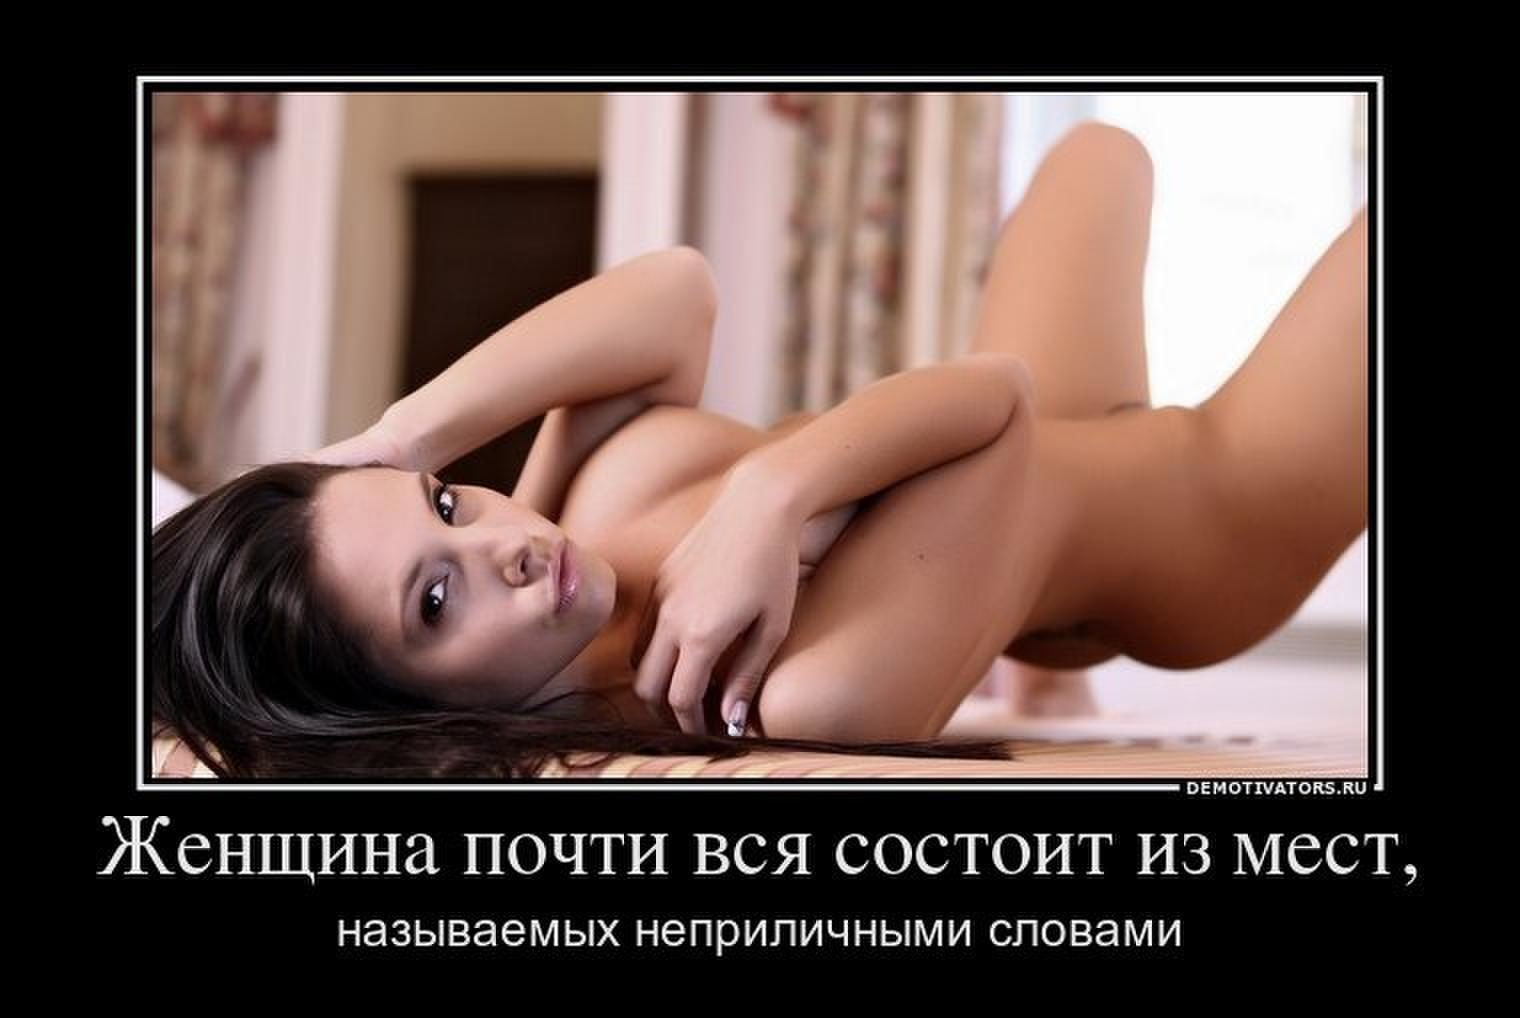 19-zabavnih-faktov-o-sekse